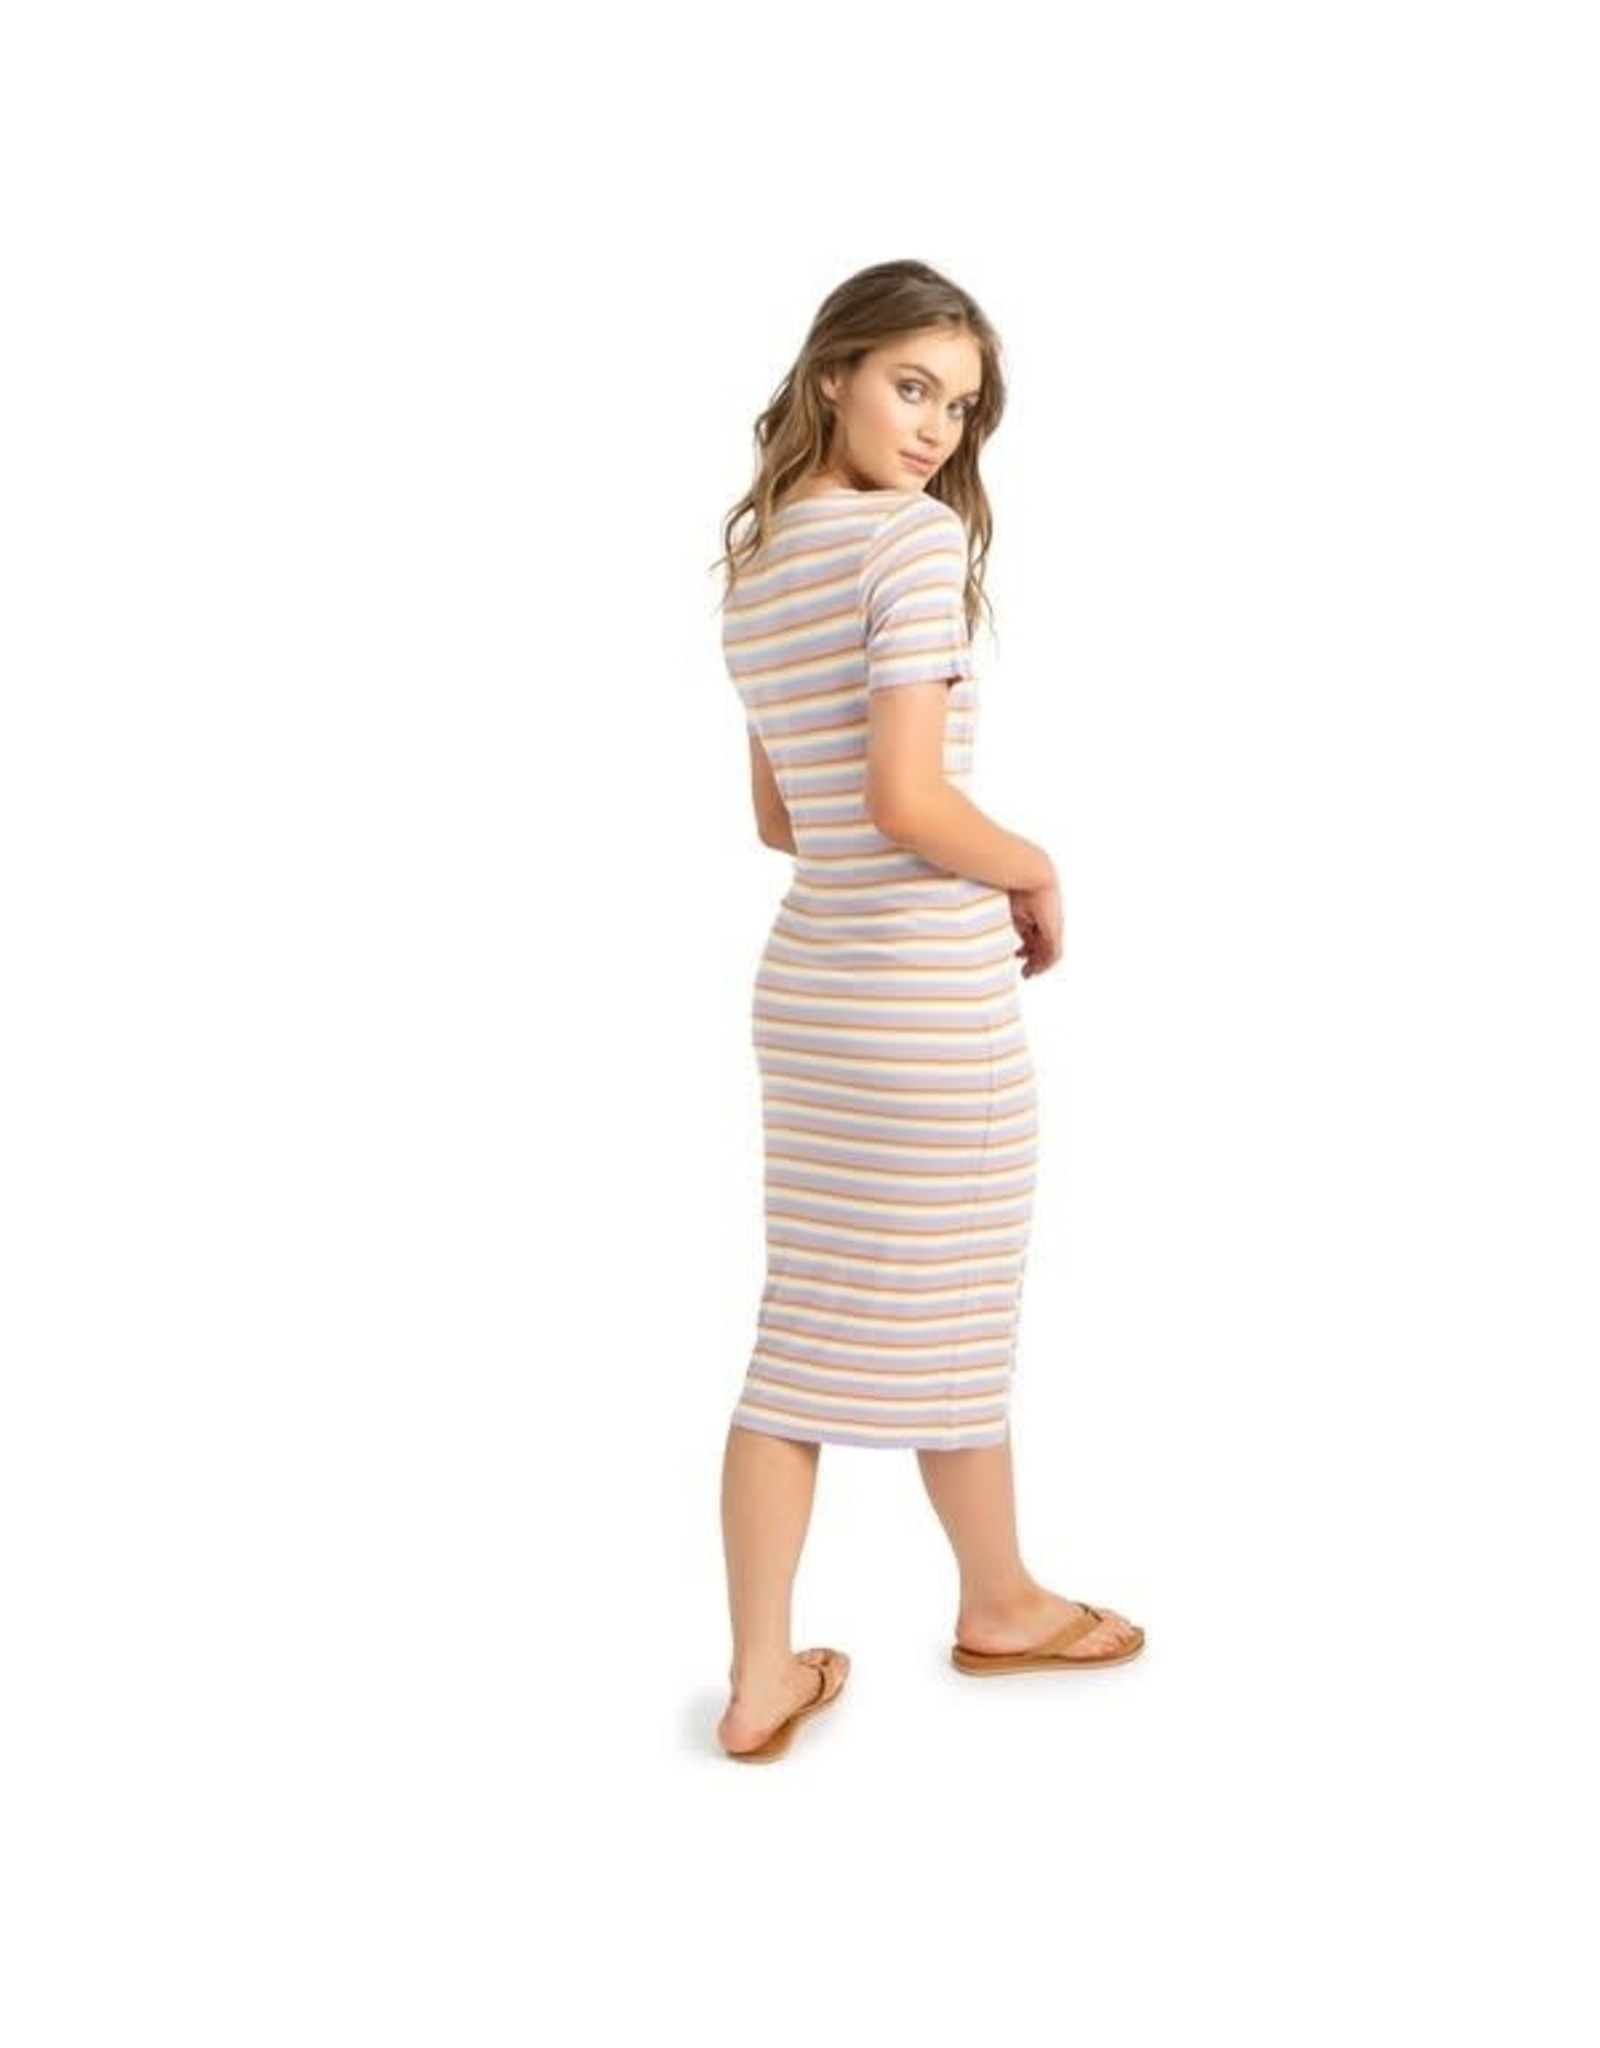 Roxy Roxy Bring It On Stripe Knit Dress ARJKD03195